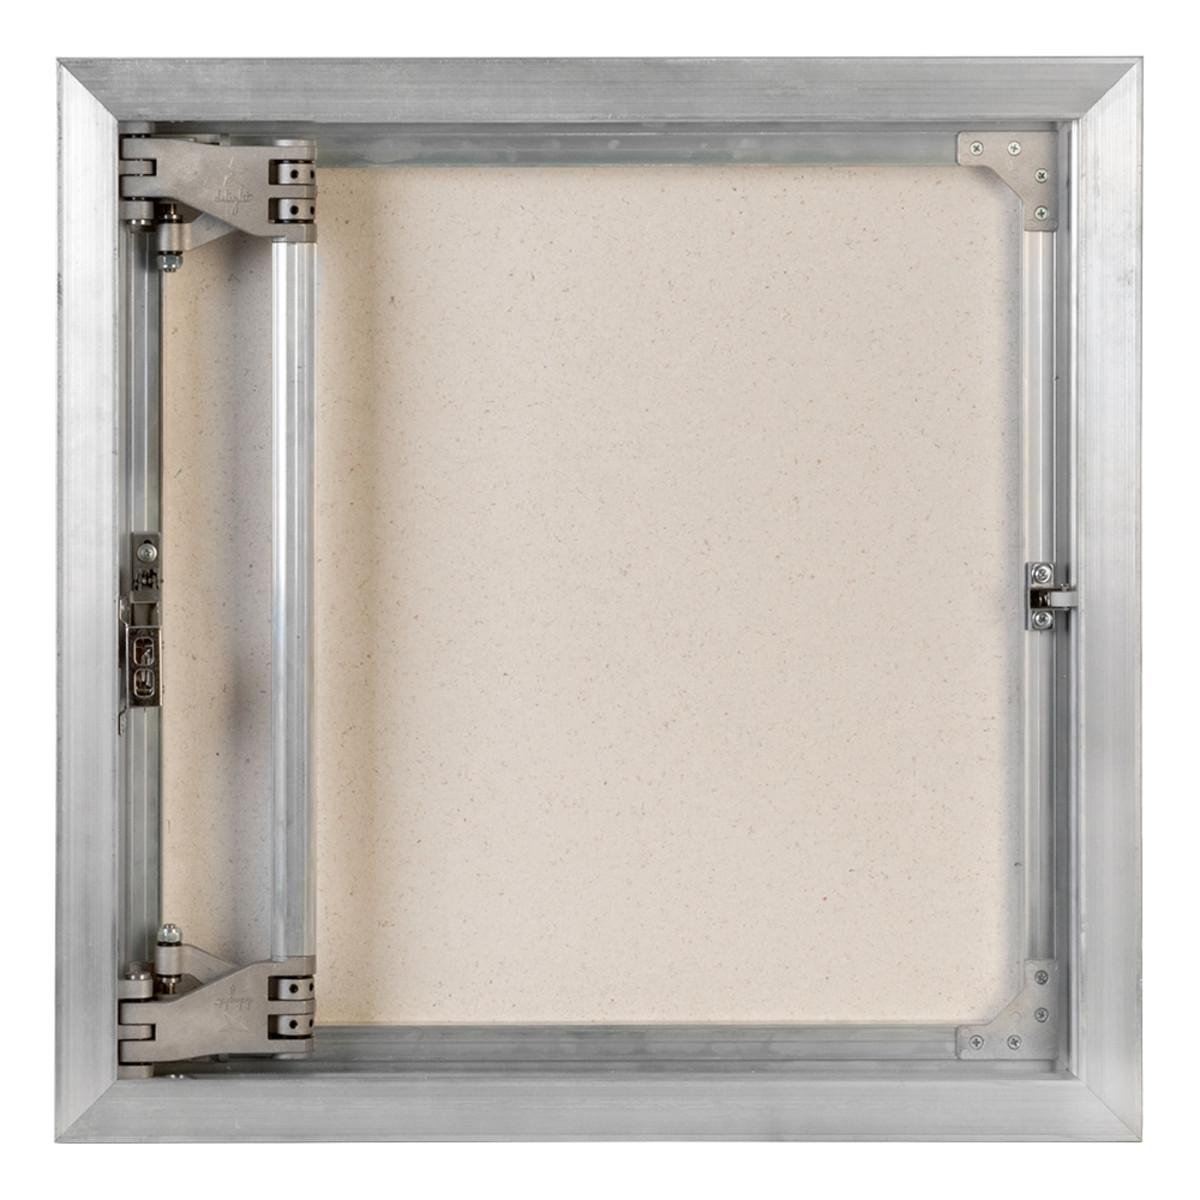 Люк ревизионный АРРЗ-Премиум 50x50 см алюминиевый